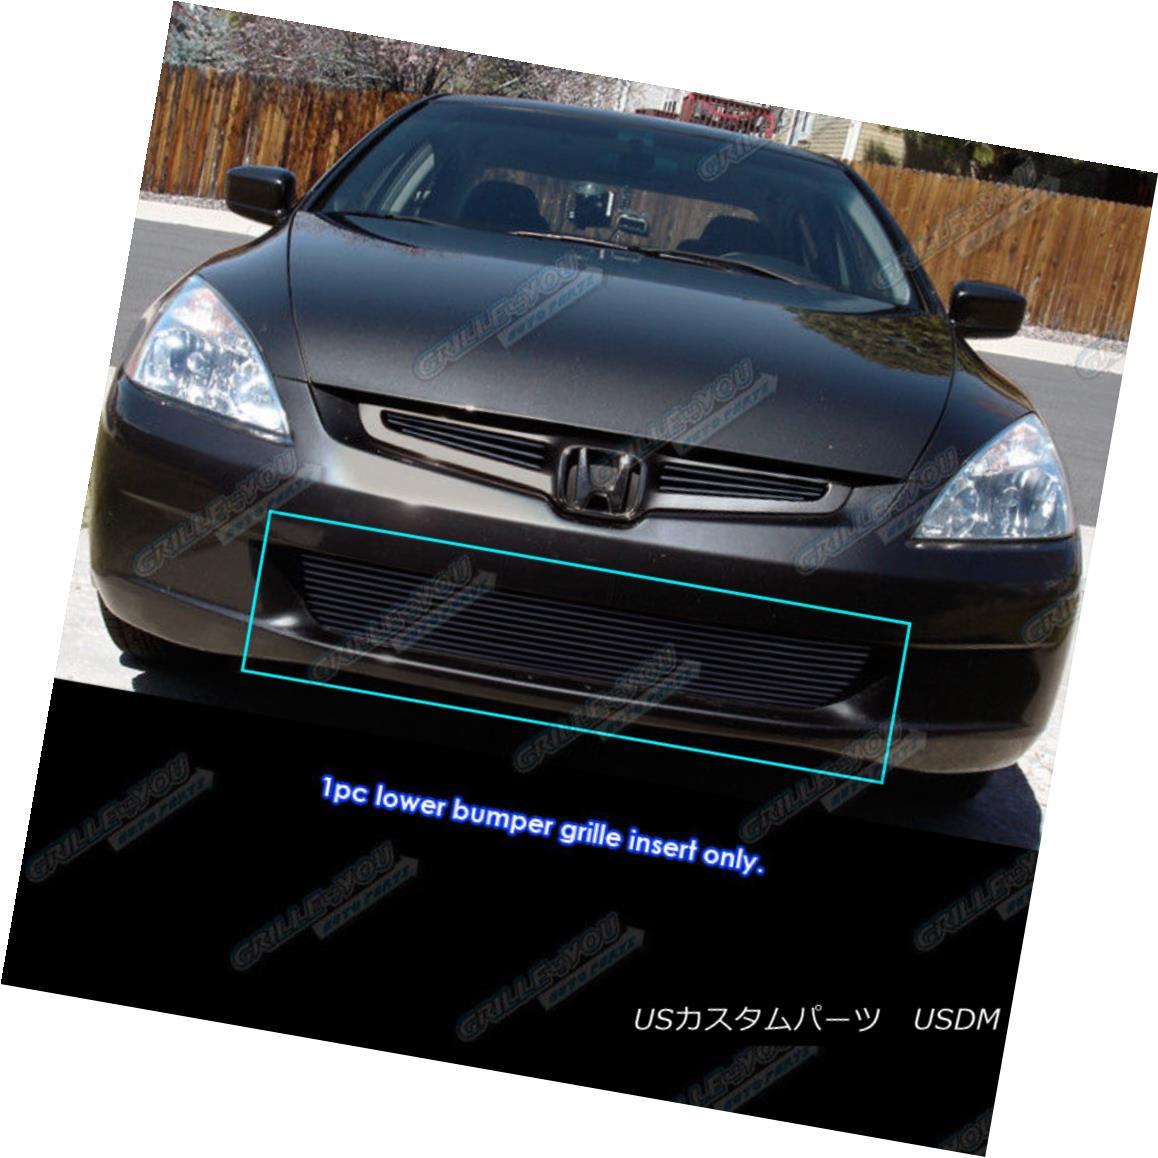 グリル Fits 03-05 Honda Accord Sedan Lower Bumper Black Billet Grille Insert フィット03-05ホンダアコードセダンロワーバンパーブラックビレットグリルインサート